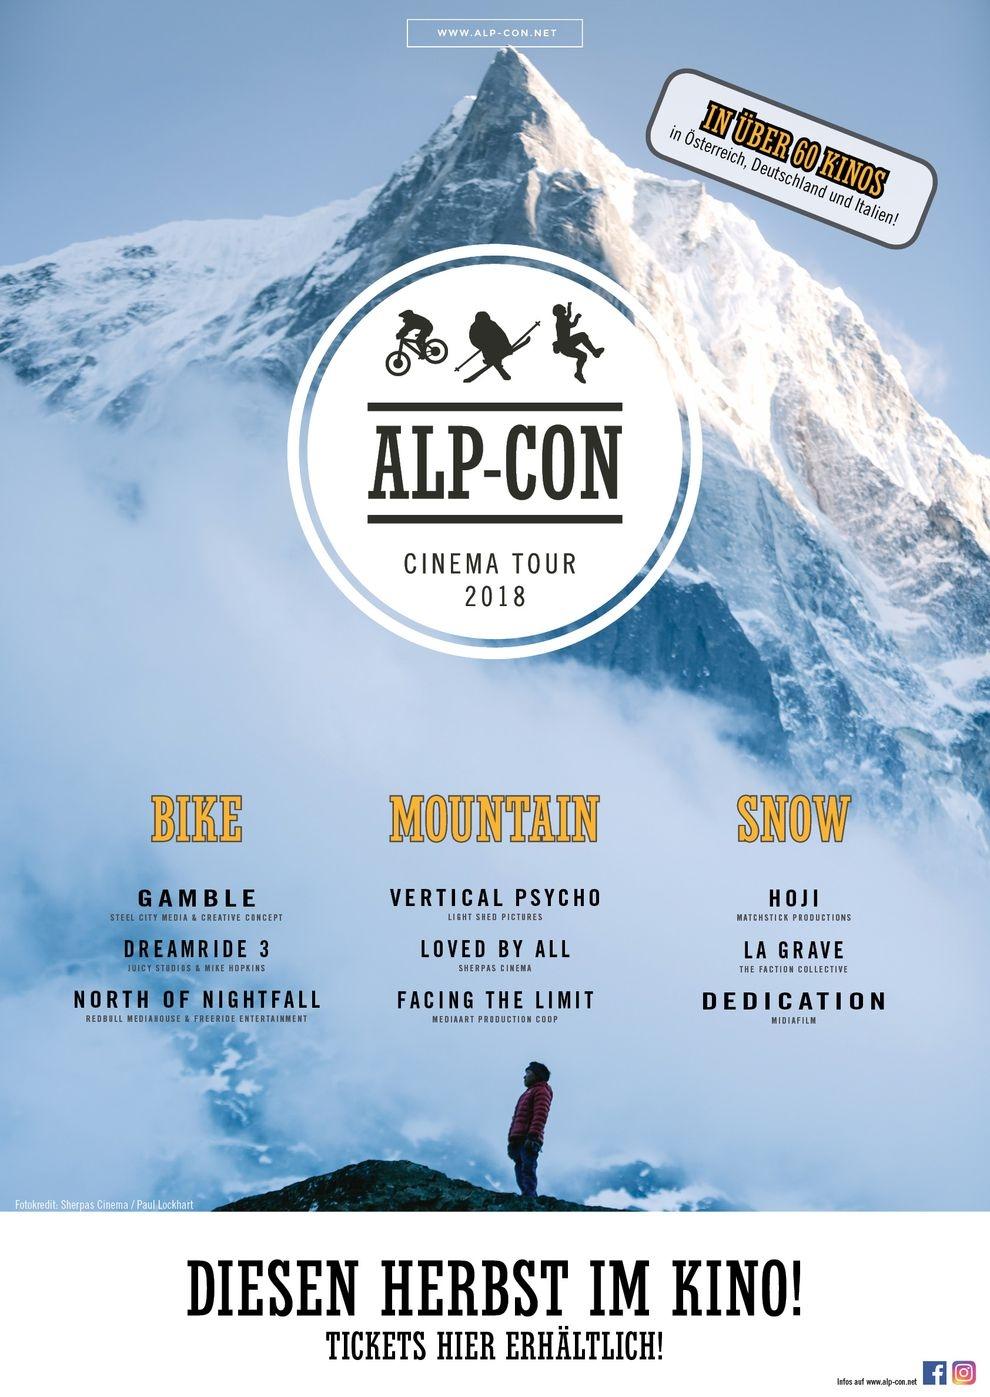 Alp-Con CinemaTour 2018: BIKE (Poster)